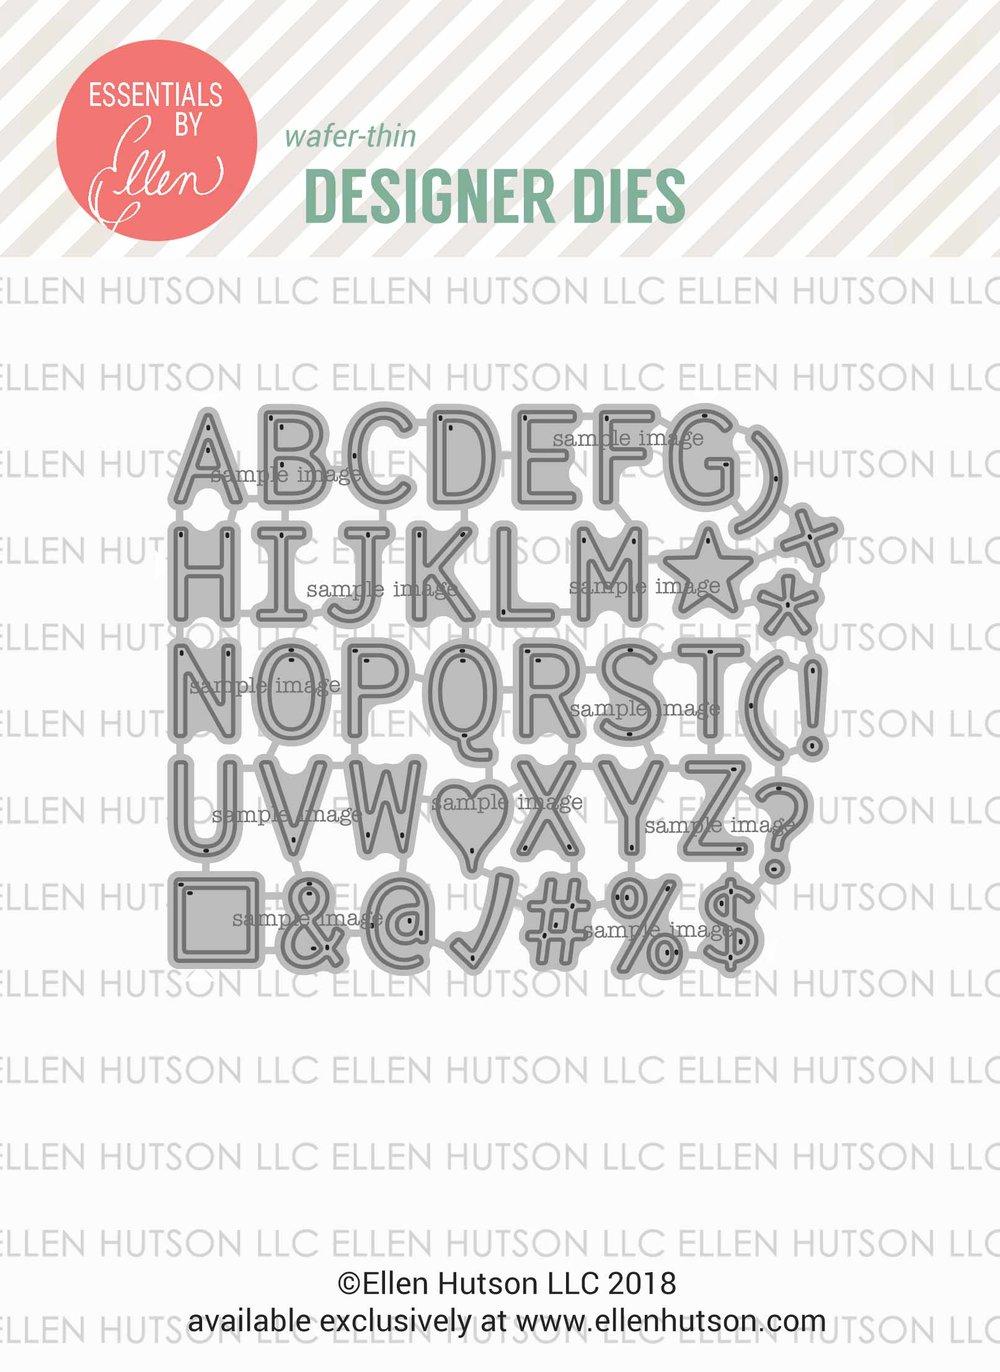 ebe-201812-dies-letterboard-largealpha-fw20.jpg